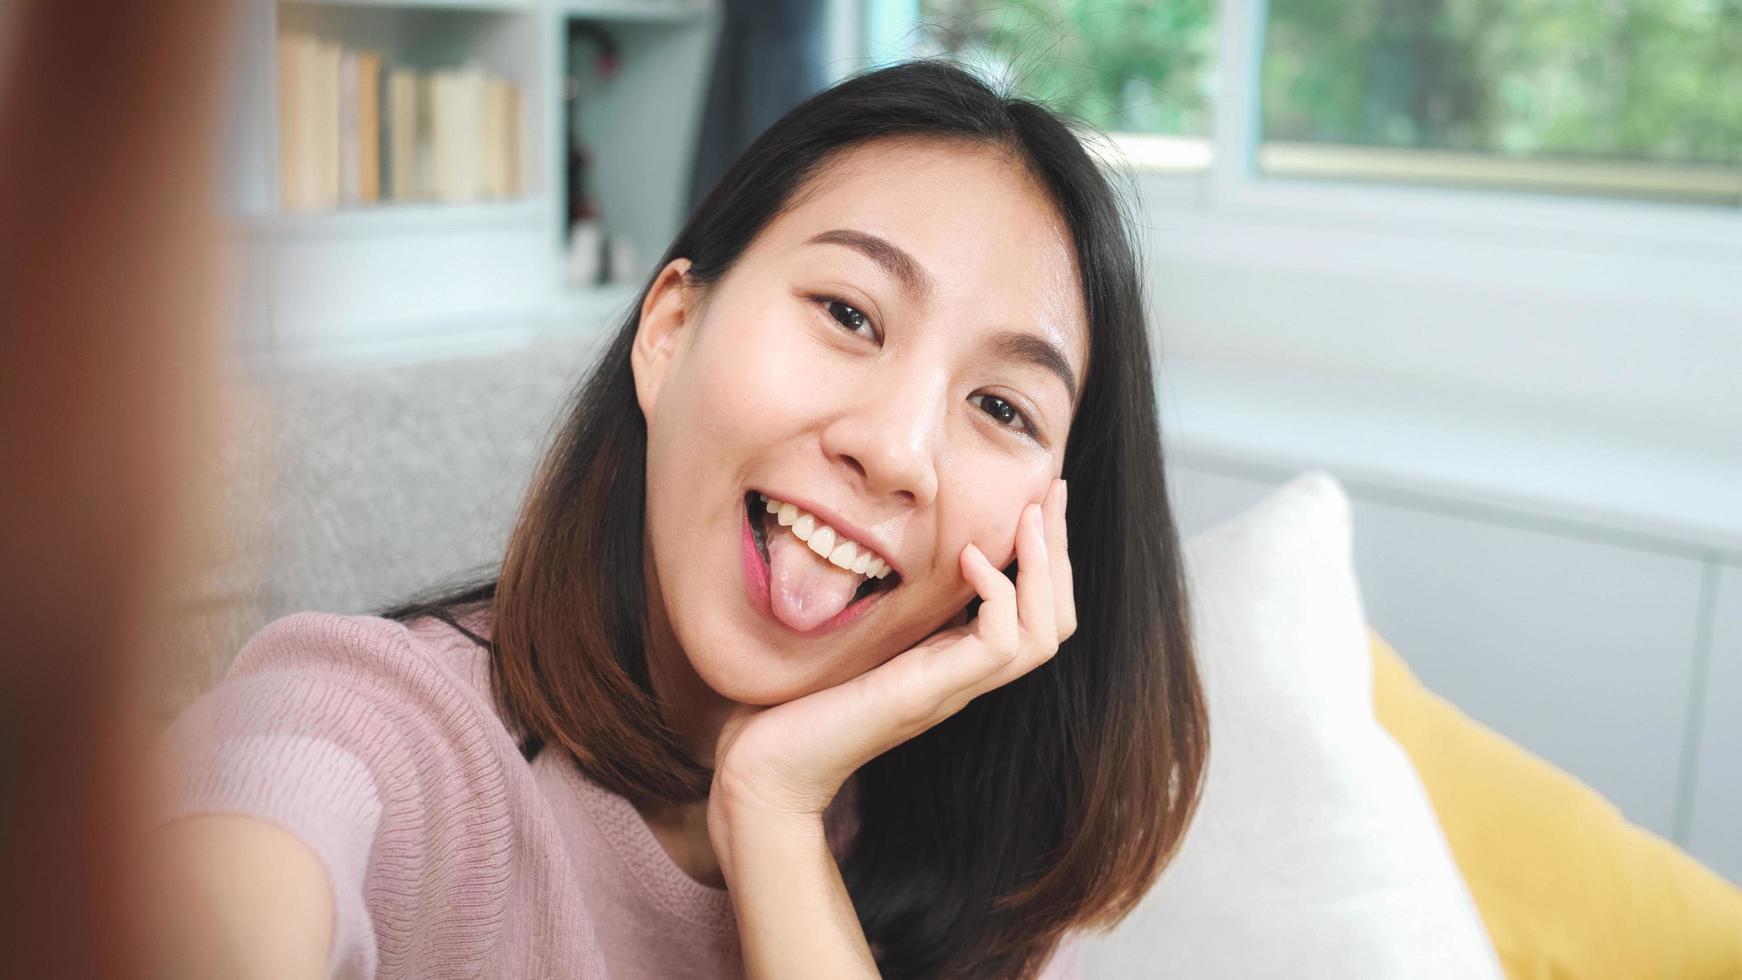 jeune adolescente asiatique utilisant la technologie à la maison photo